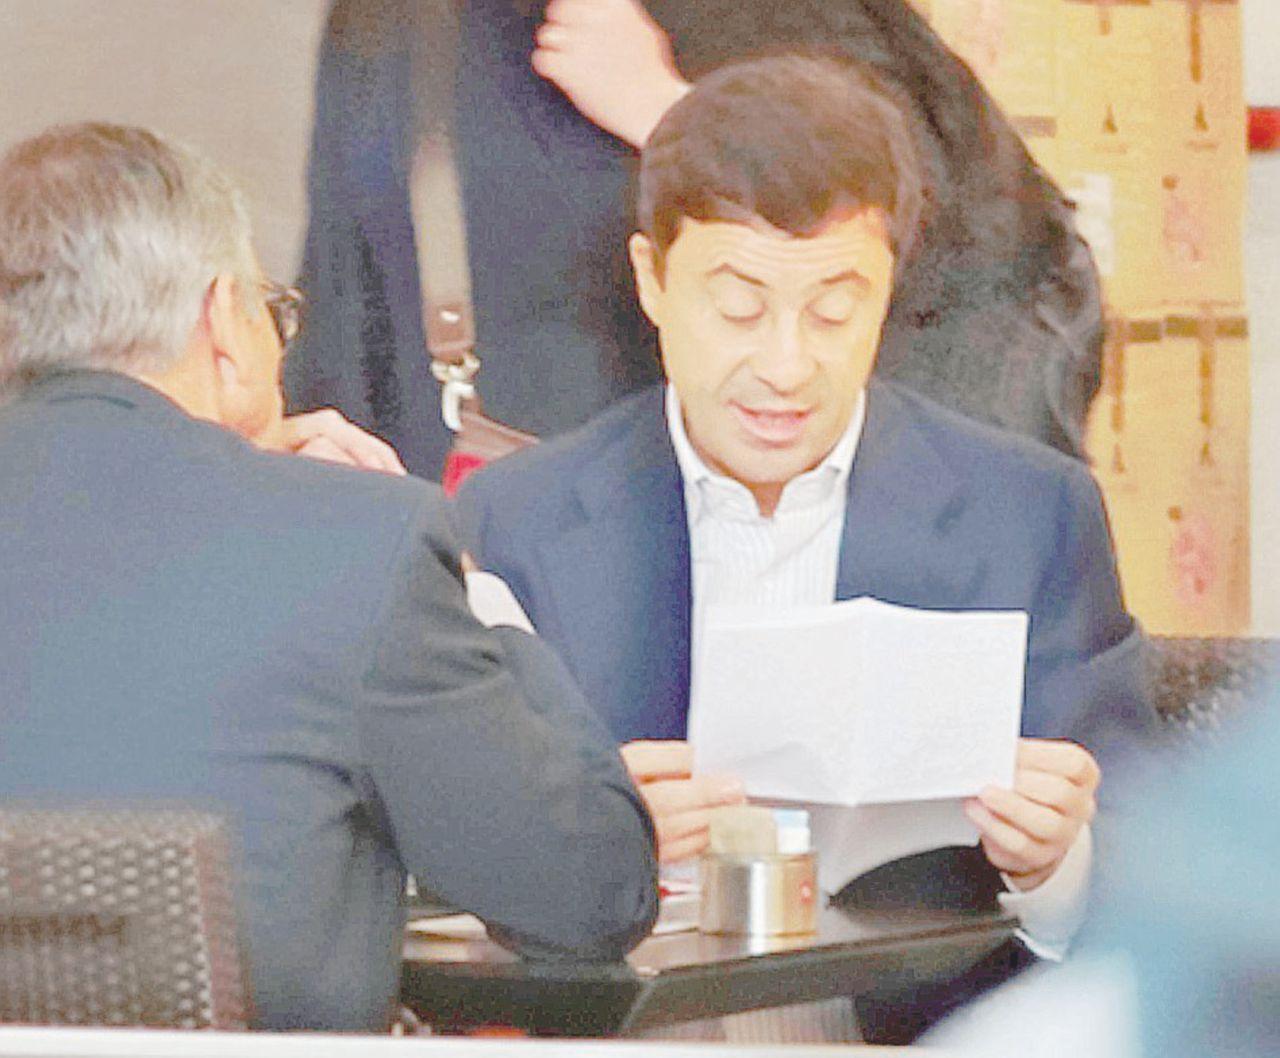 """Consip, Bocchino e il capo della commissione: dagli audio emerge """"un altro lotto"""" – ASCOLTA"""